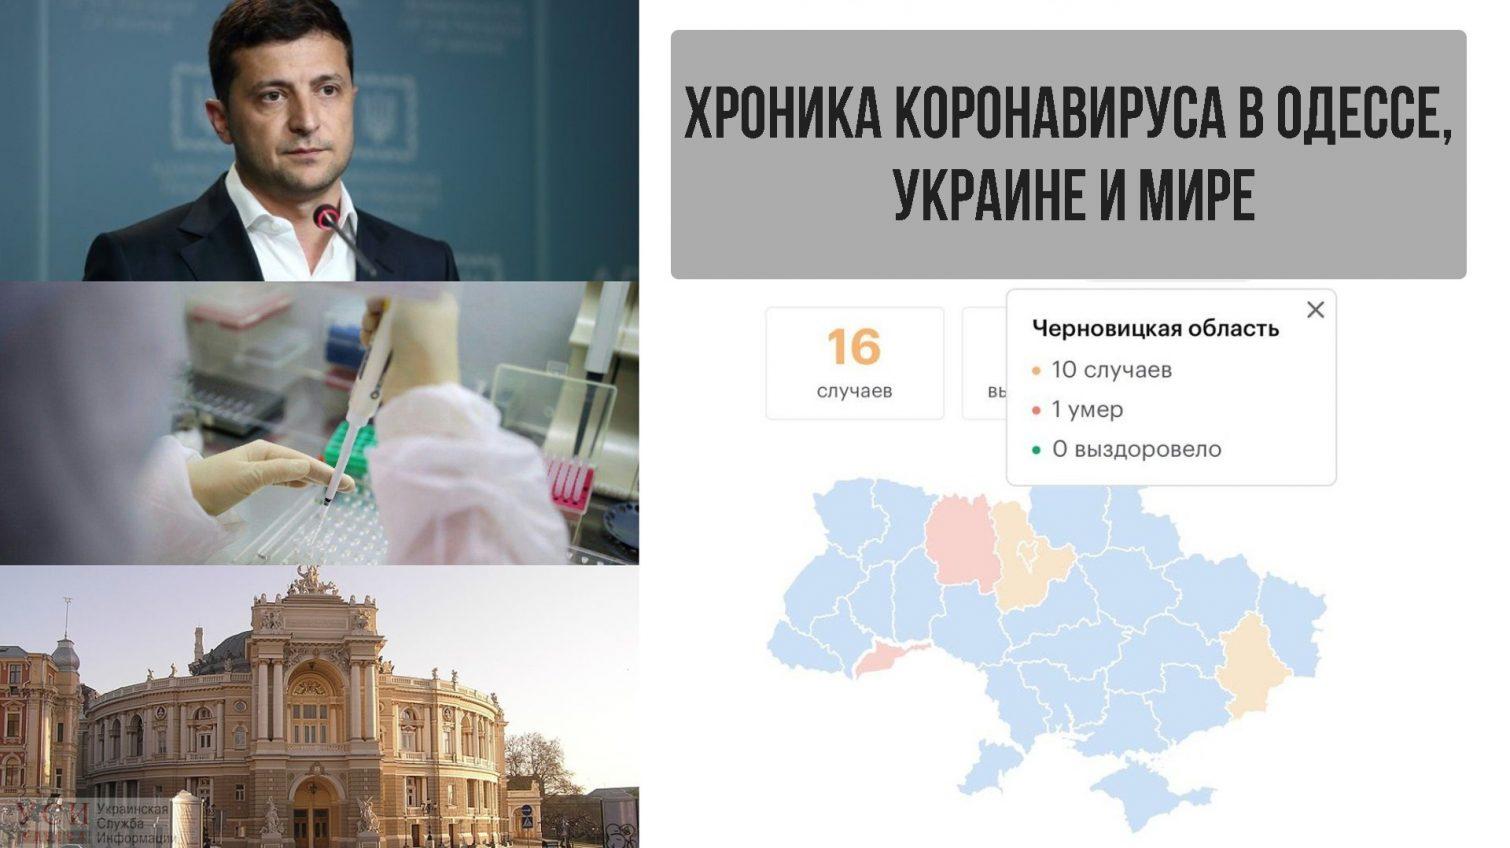 Хроника коронавируса: седьмой день карантина в Украине, события в мире ОБНОВЛЯЕТСЯ «фото»